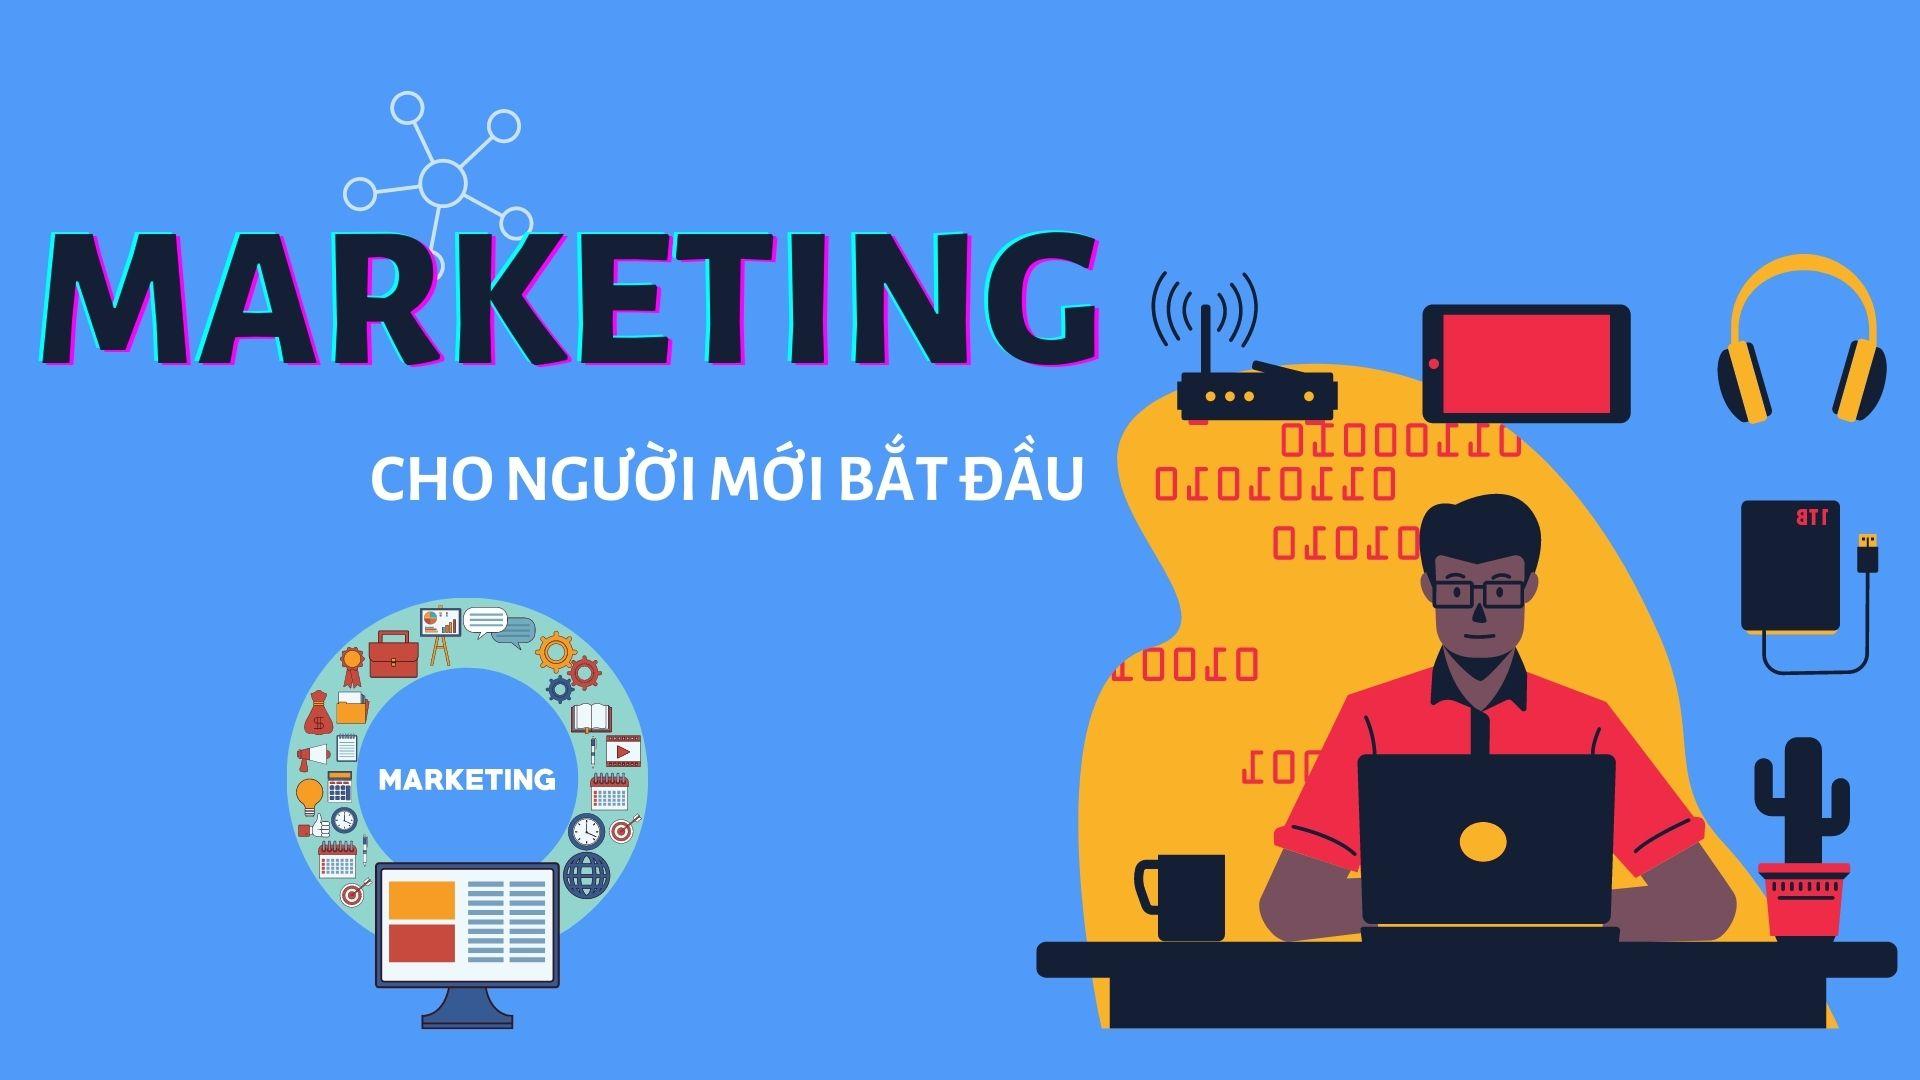 Mẹo học Marketing cho NGƯỜI MỚI BẮT ĐẦU – Các khóa học phù hợp với người mới